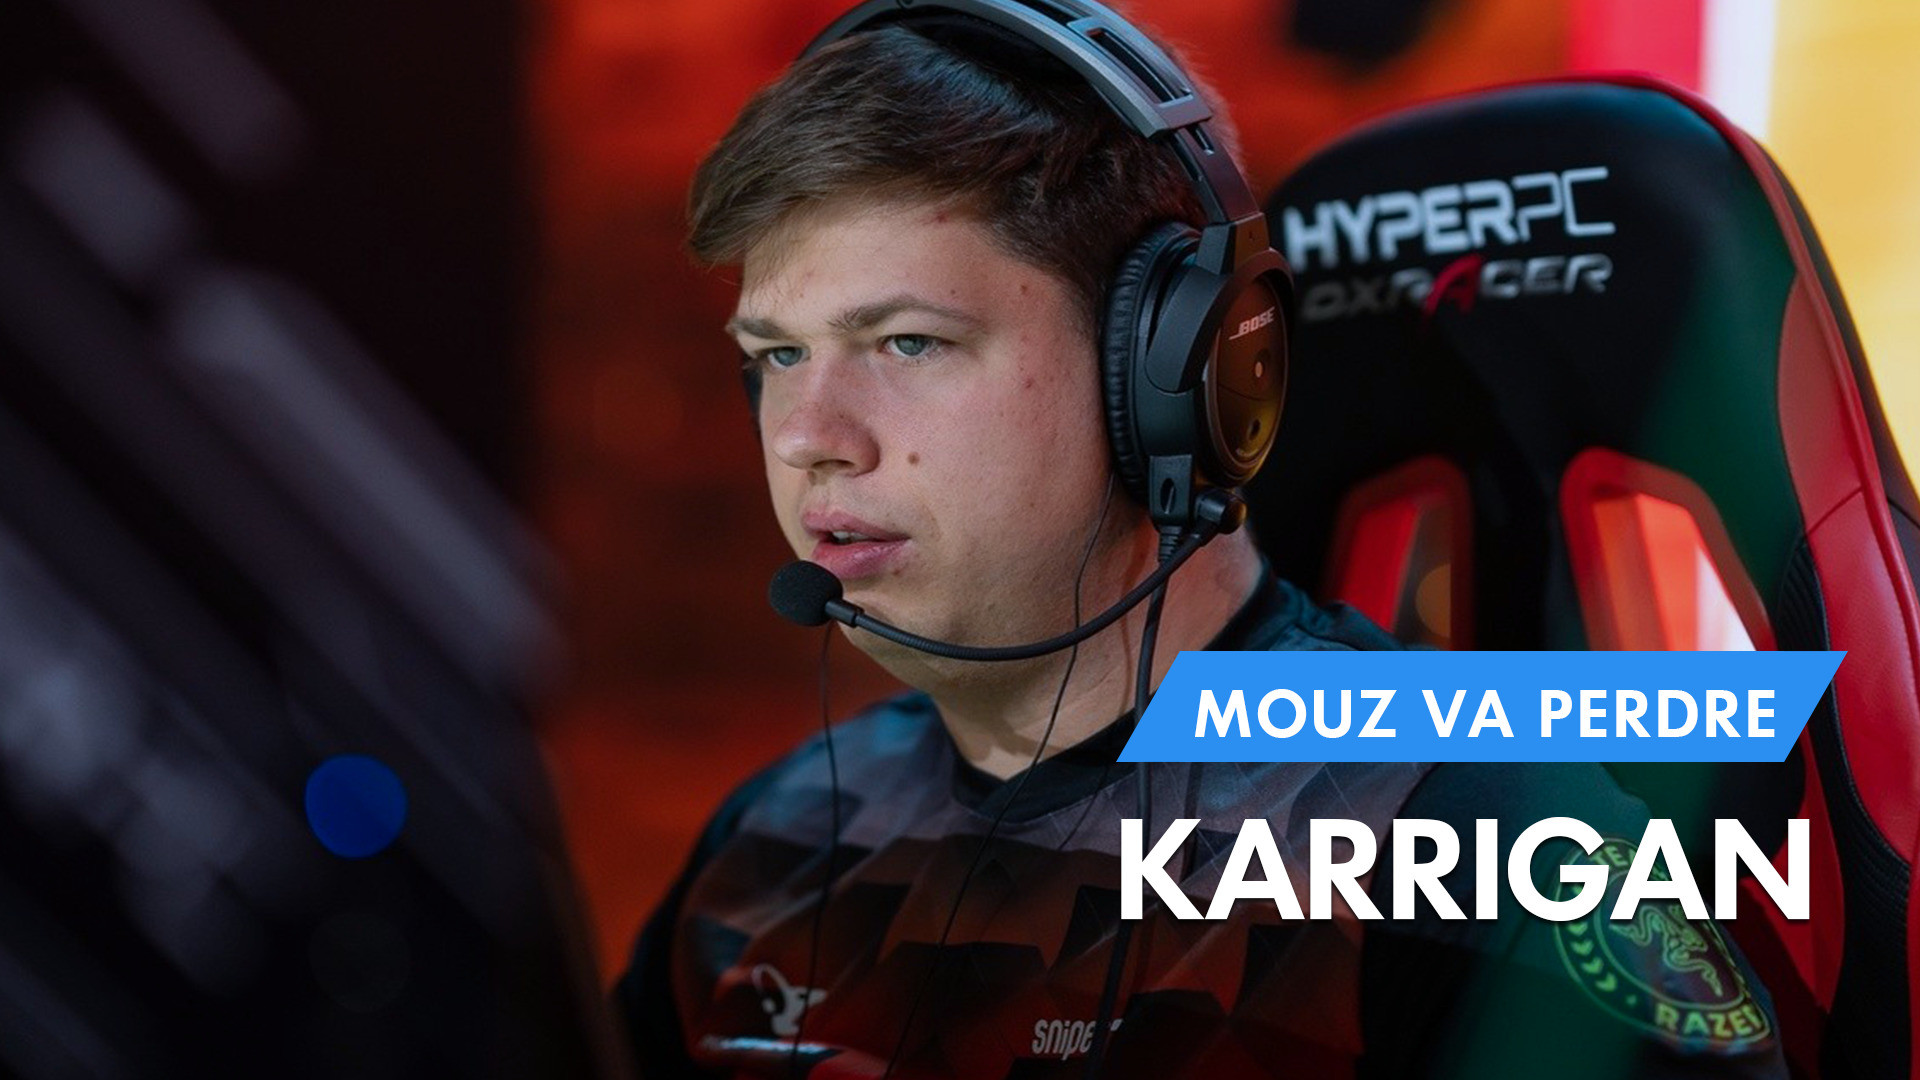 mouz cherche un remplaçant à Karrigan